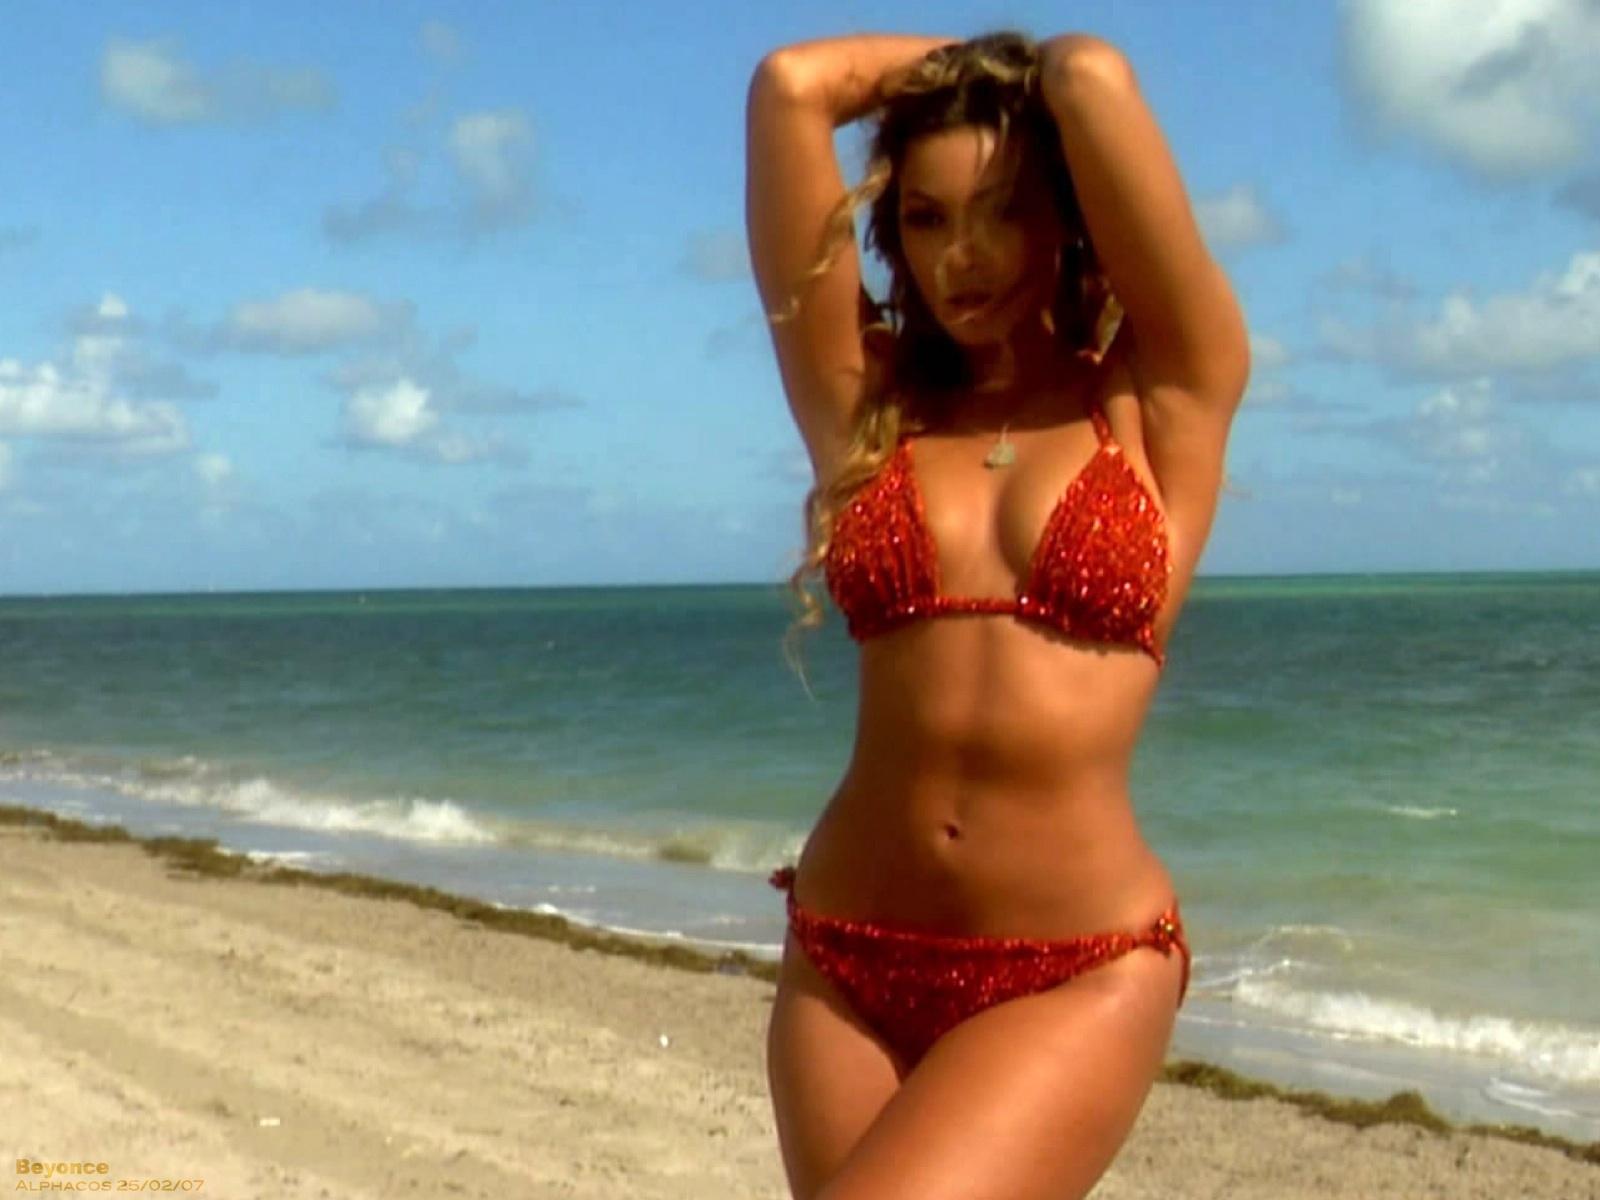 http://2.bp.blogspot.com/-YfgcMvaV0-k/T37o9HnyD8I/AAAAAAAABY4/TU1Np0L3yjo/s1600/beyonce_knowles_in_bikini_beach-normal.jpg